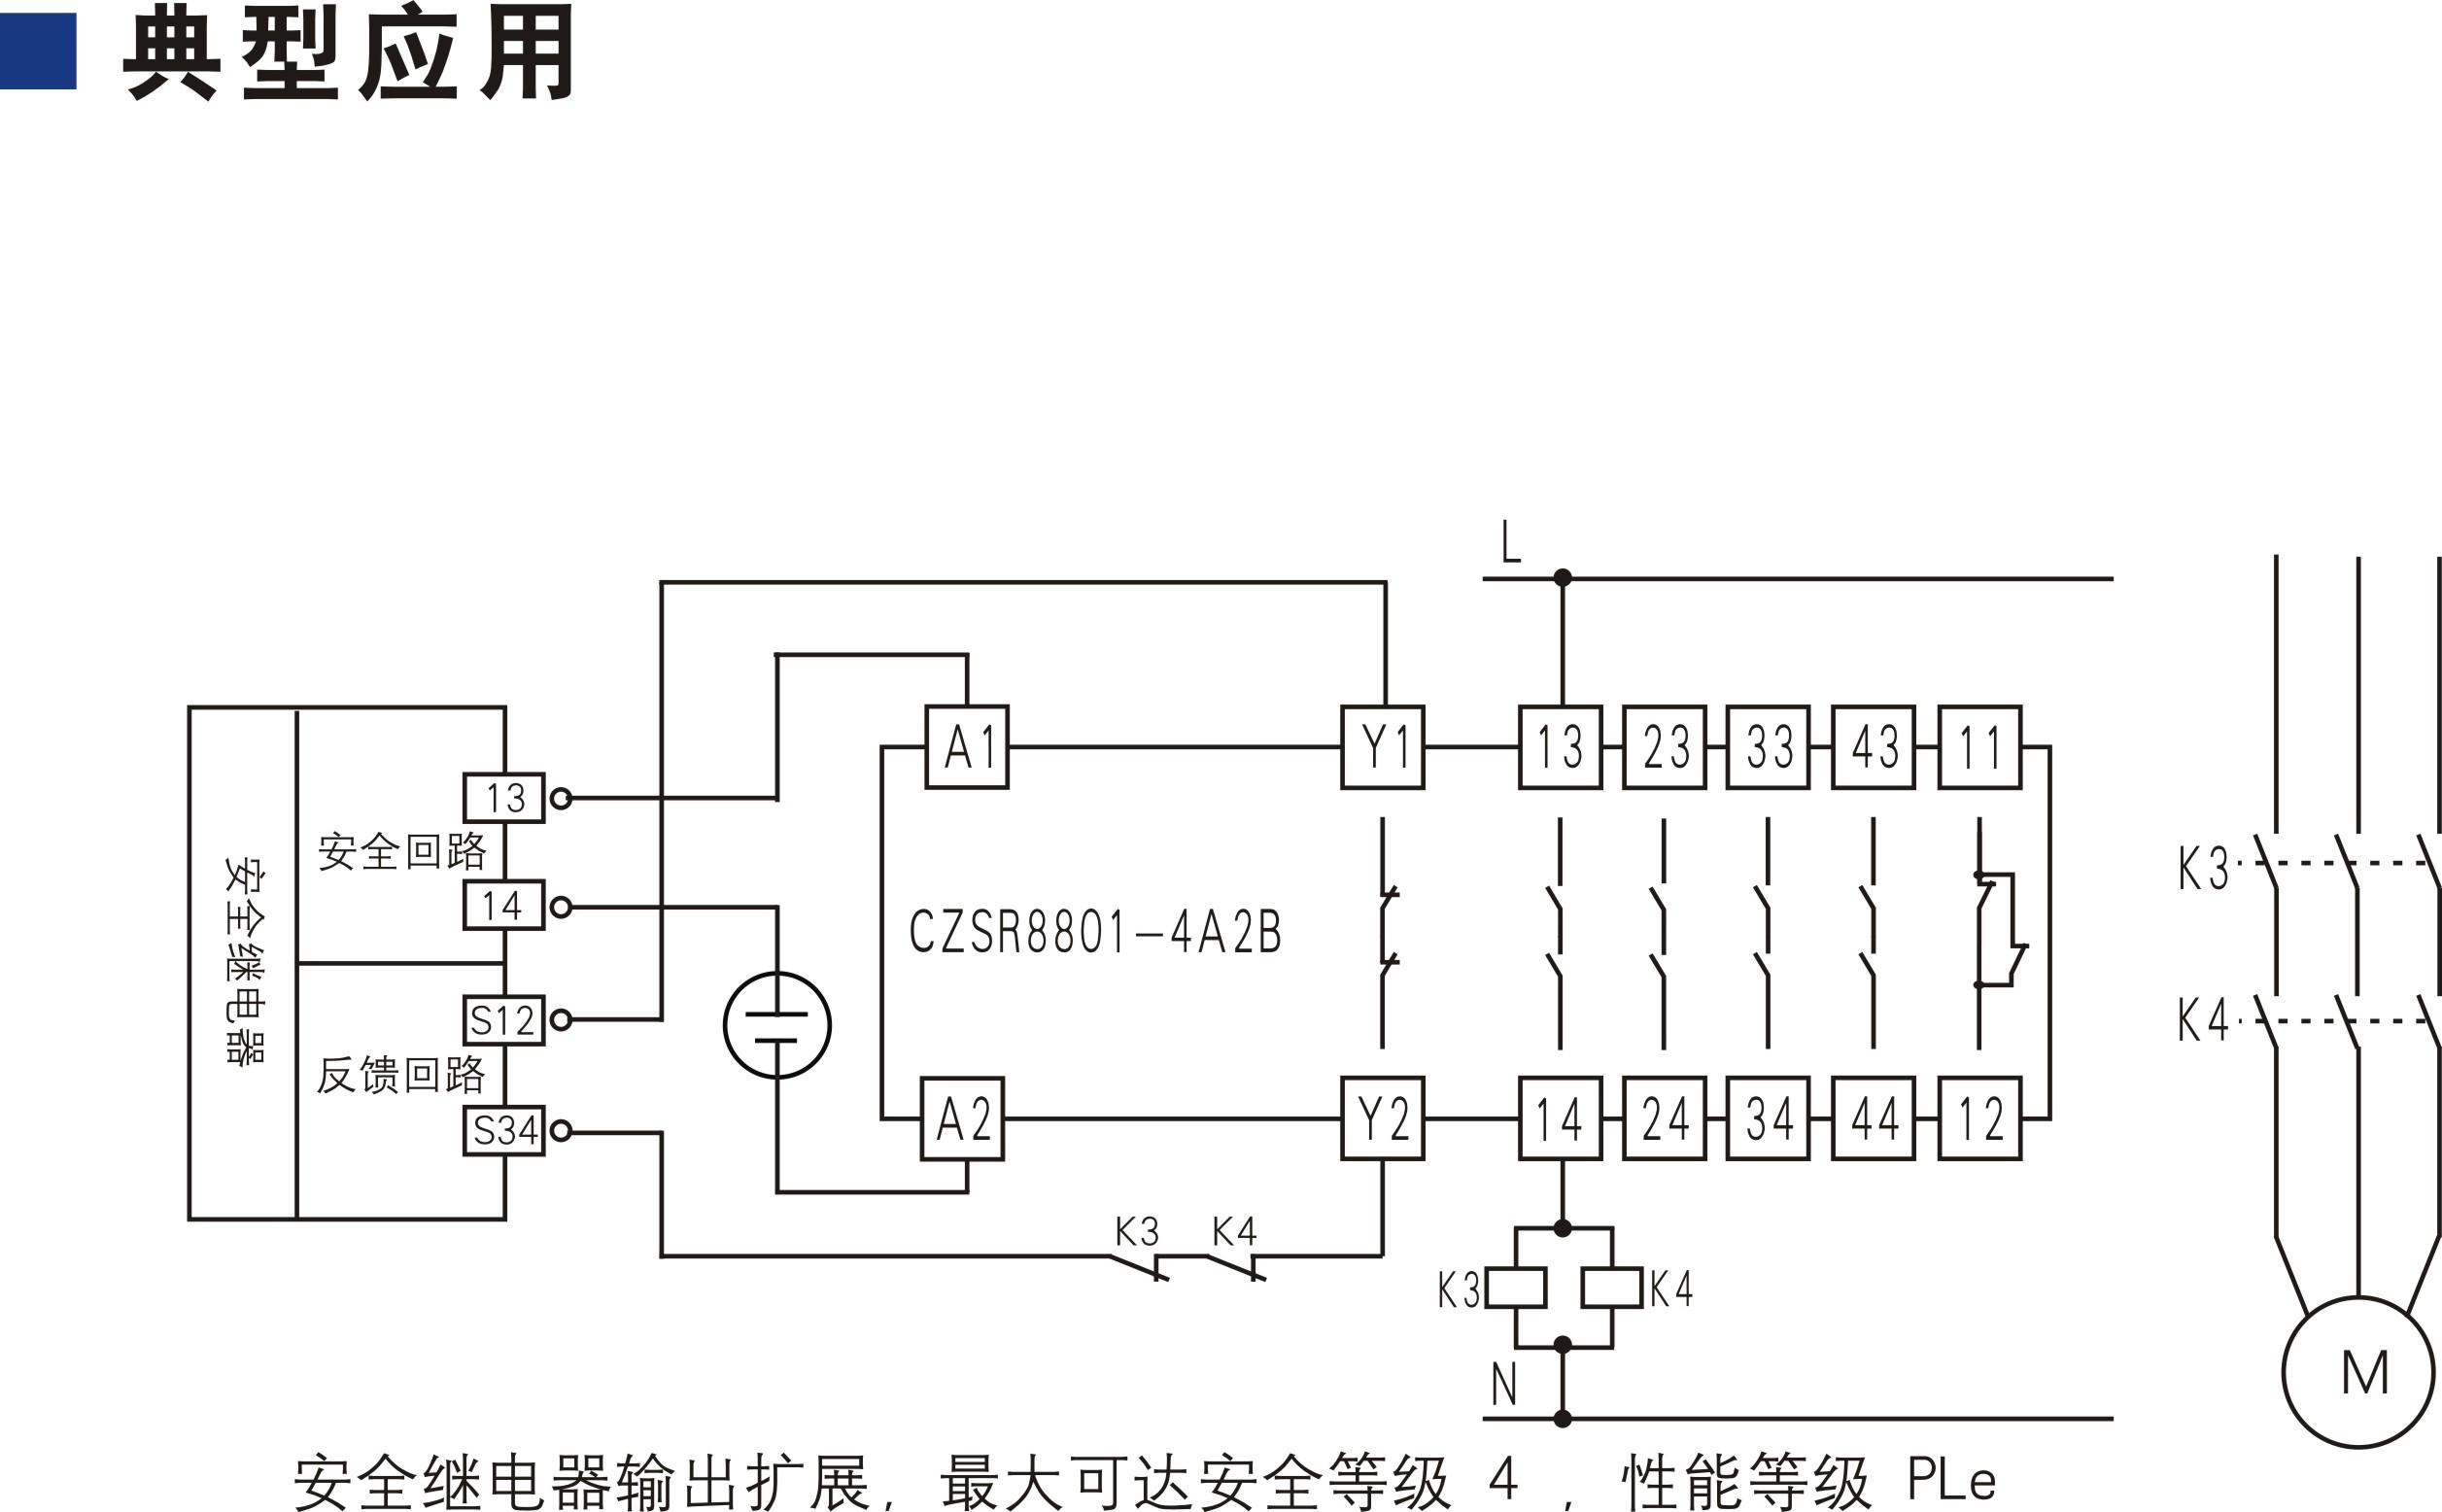 开关型安全设备输入 (输出扩展 24V DC 4NO+2NC 自动/手动复位)